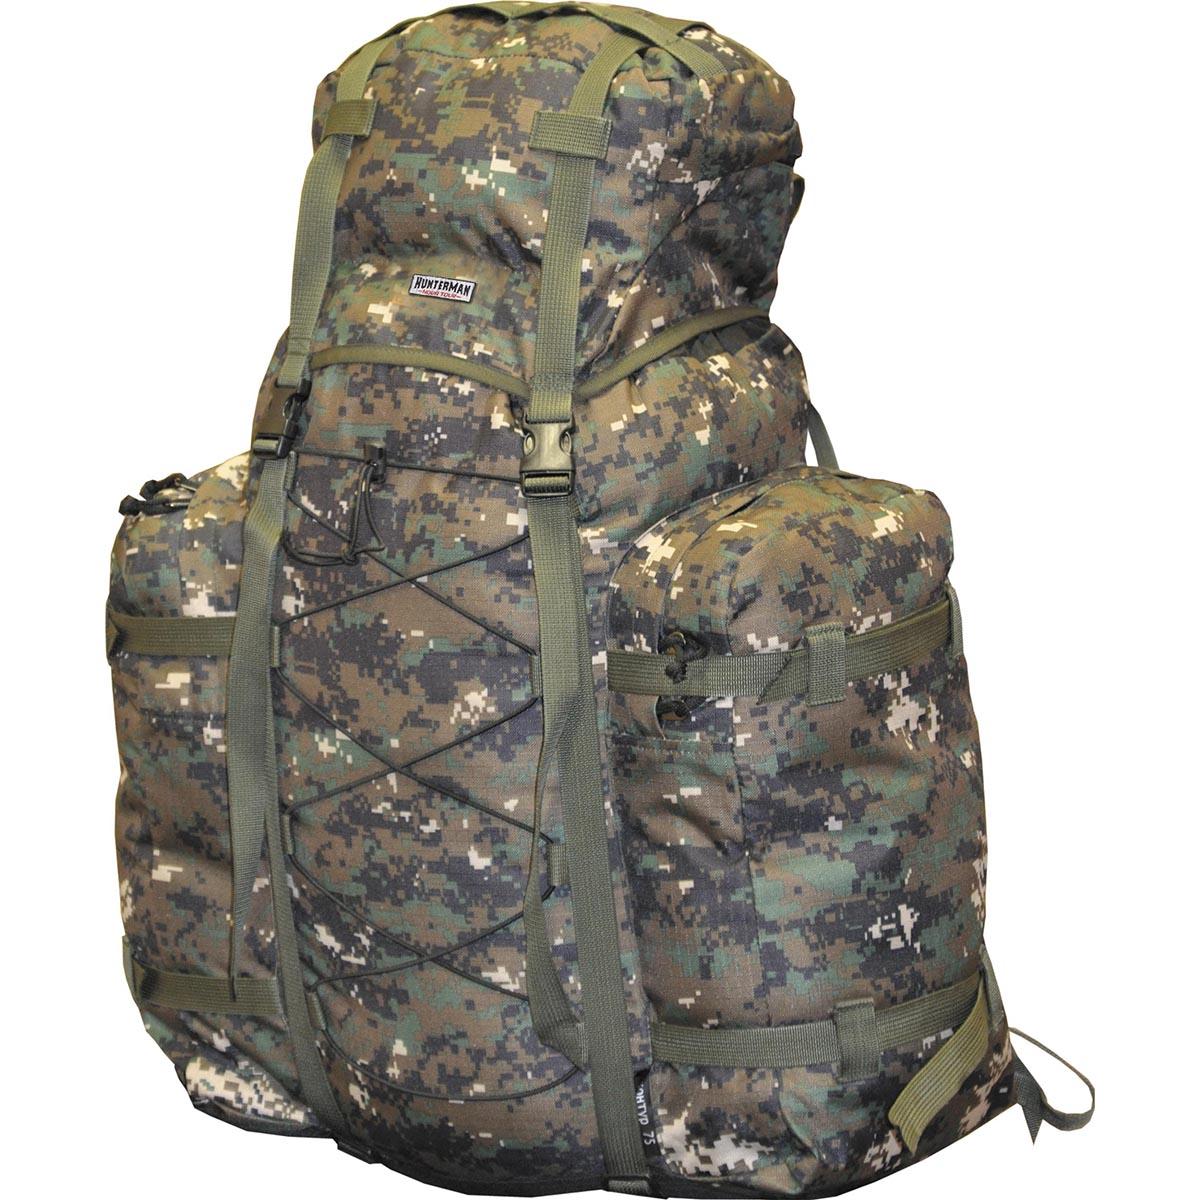 Рюкзак для охоты Hunterman Nova Tour Контур 75 V3 км, цвет: диджитал зеленый, 75 л67742Рюкзак для охоты Hunterman Nova Tour Контур 75 V3 км - легкий, компактный рюкзак для охоты и рыбалки. Находка для любителей активного отдыха на природе! Стильный, вместительный, удобный в эксплуатации! Надежный помощник при переноске необходимого снаряжения для рыбной ловли и охоты. Вертикальная смягчающая вставка добавляет жесткости спинке рюкзака, в плавающем клапане карман для мелочей, съемная поясная стропа. Ткань Poly Oxford 300D Ripsto.